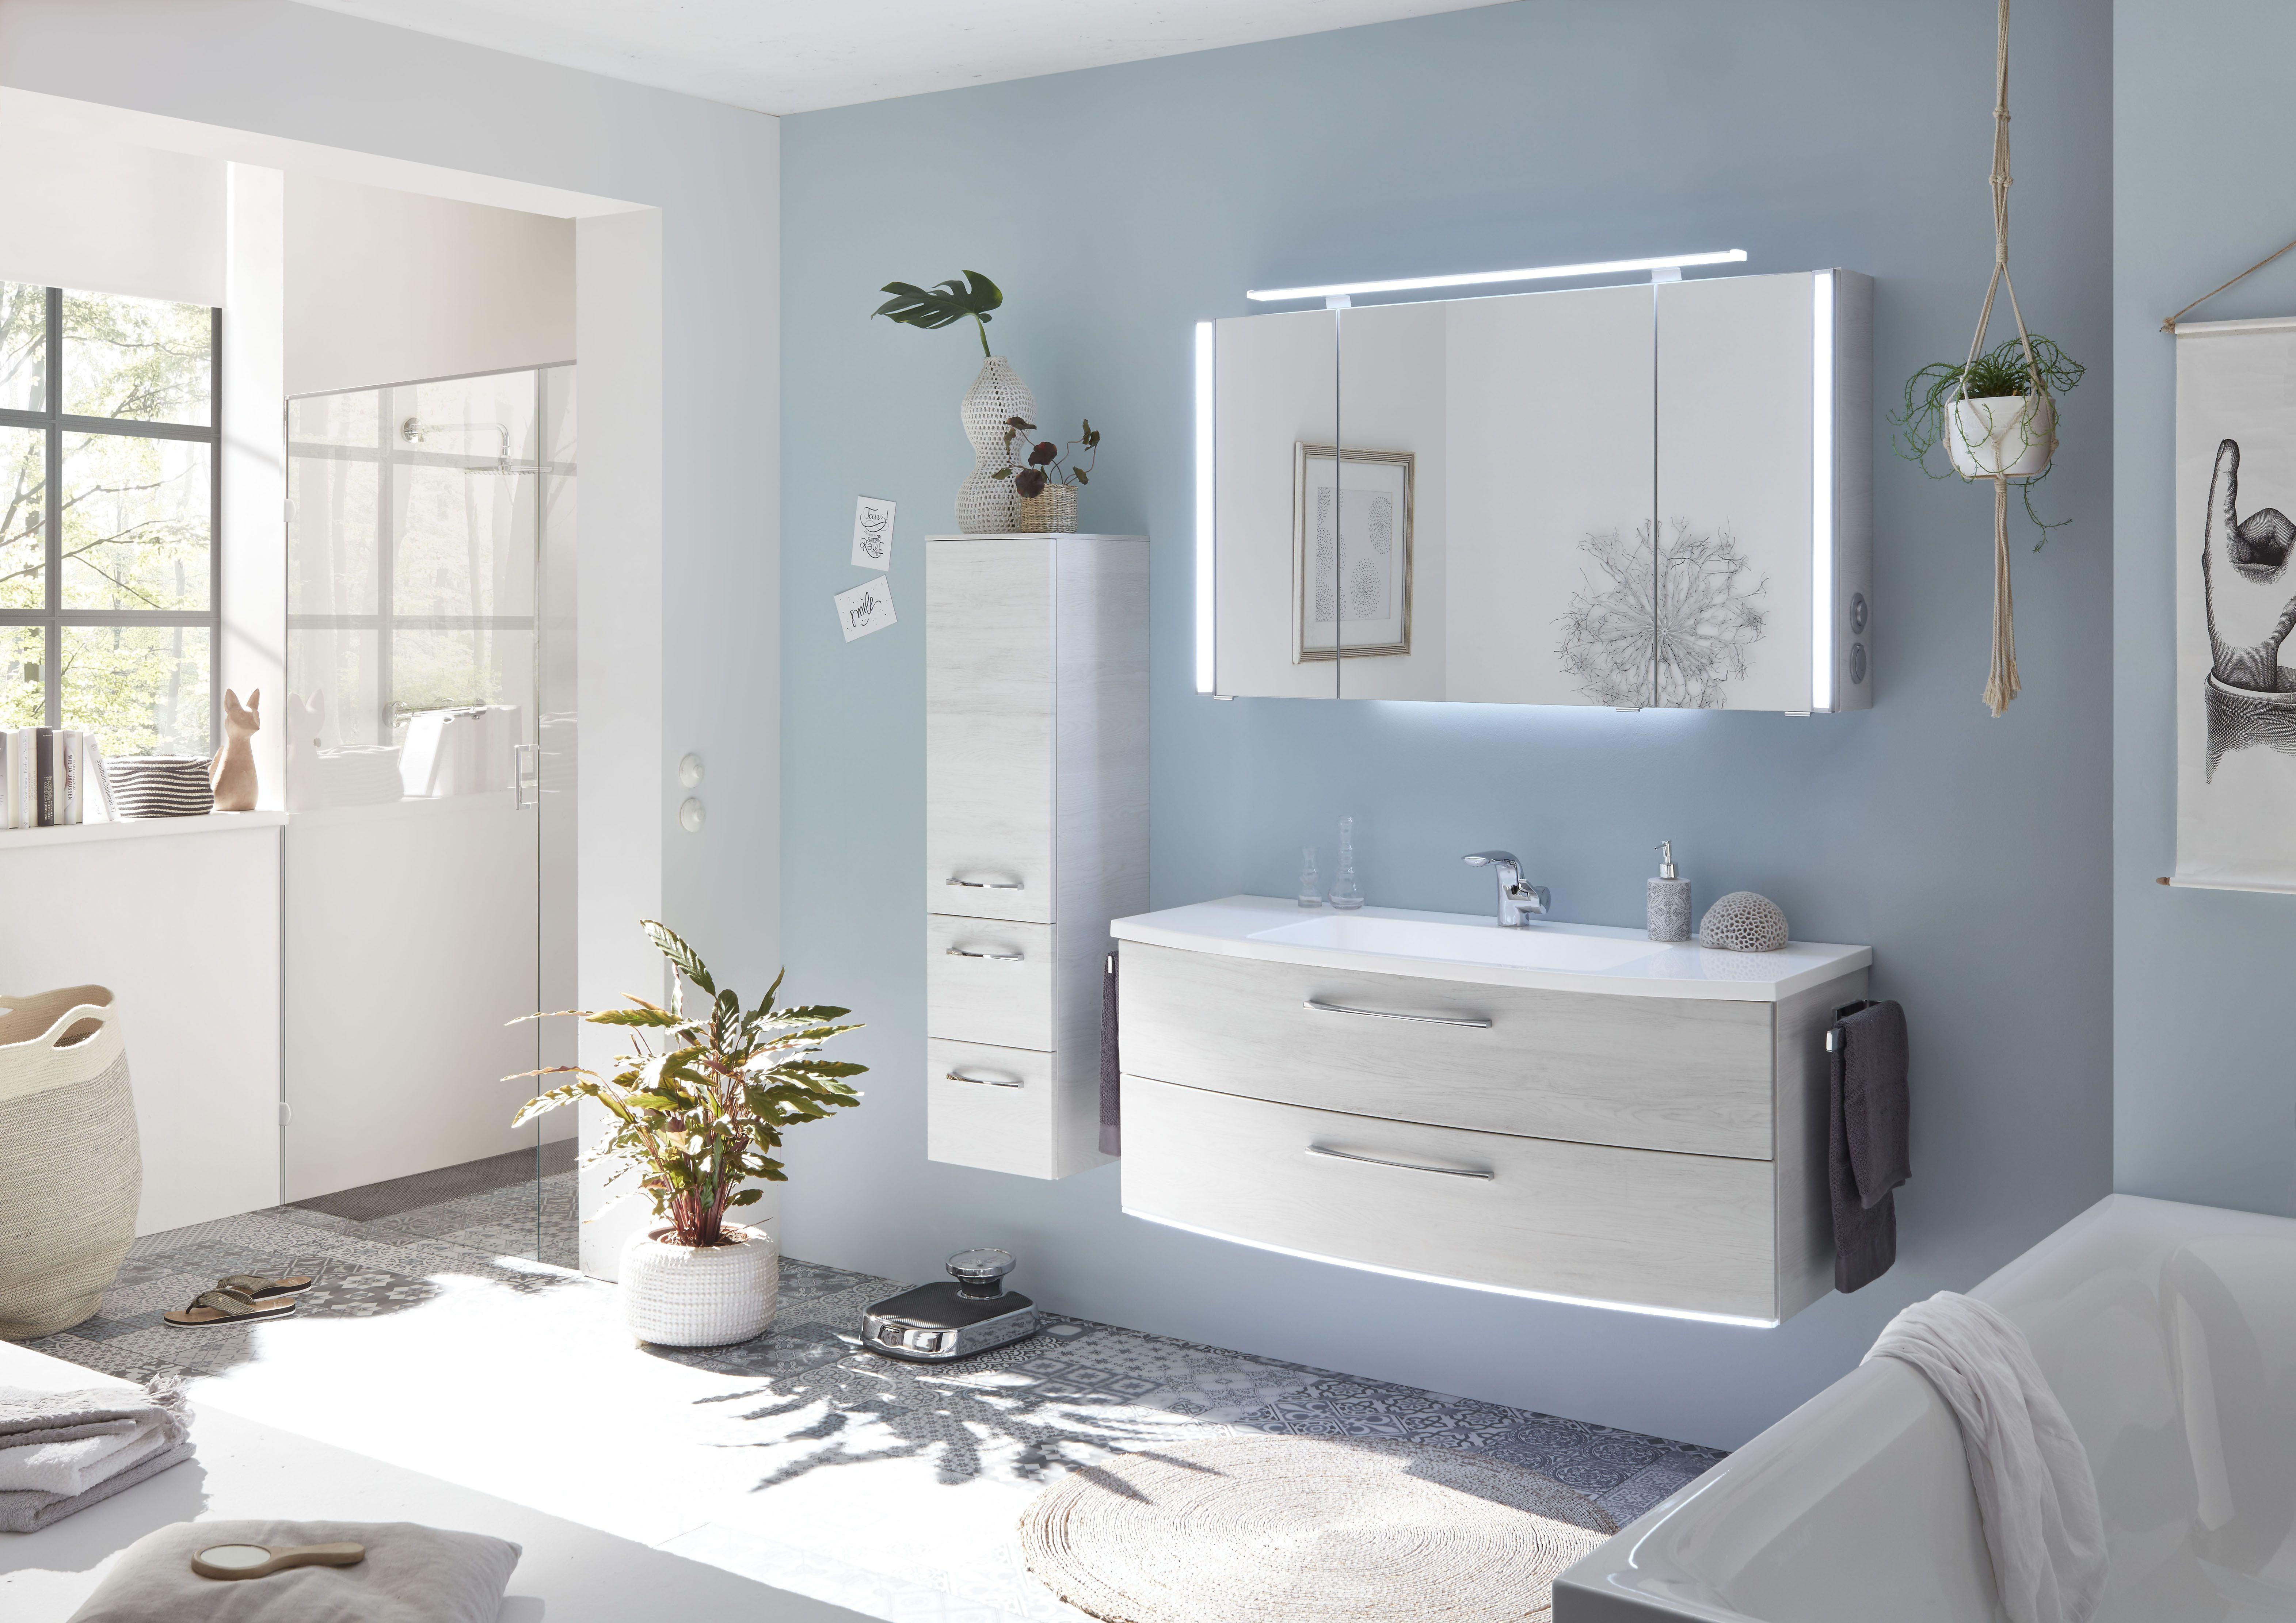 Ein Maritimes Flair Bekommen Klassisch Weisse Badmobel Durch Einen Blauen Anstrich Der Wande Badezimmer Wohnen Bad